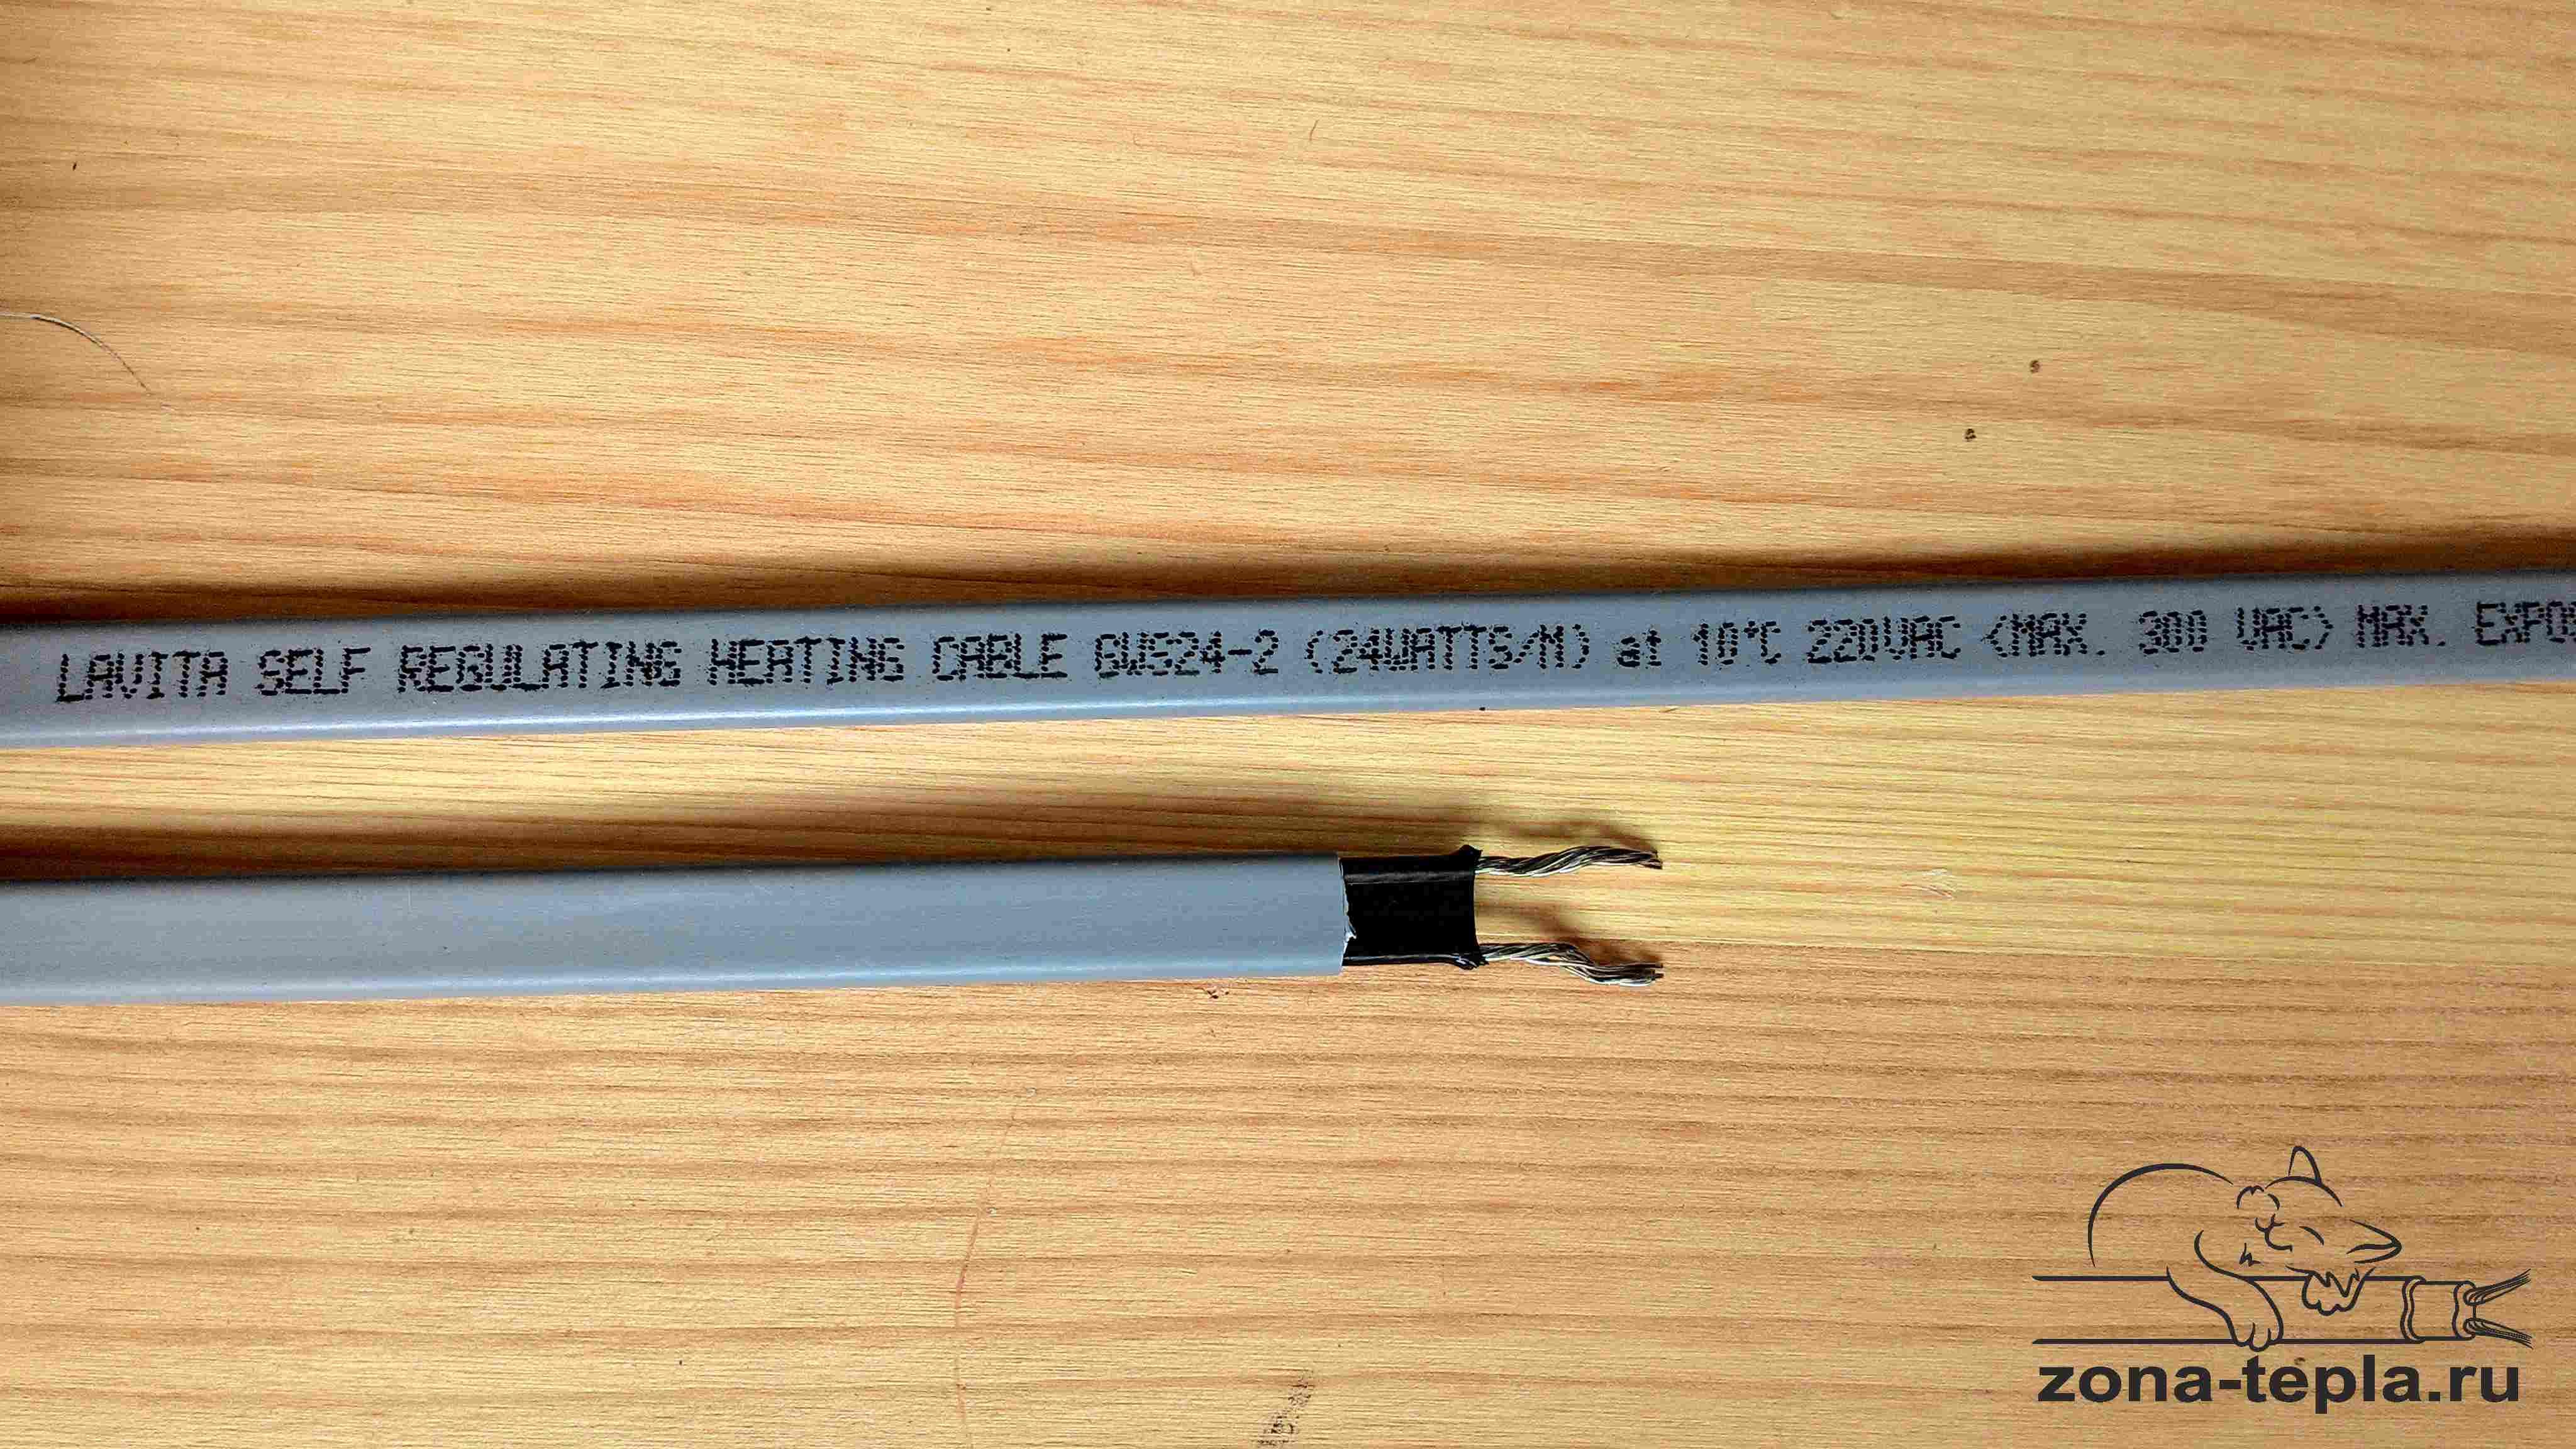 Нагревательный кабель для водопровода Lavita GWS 24-2